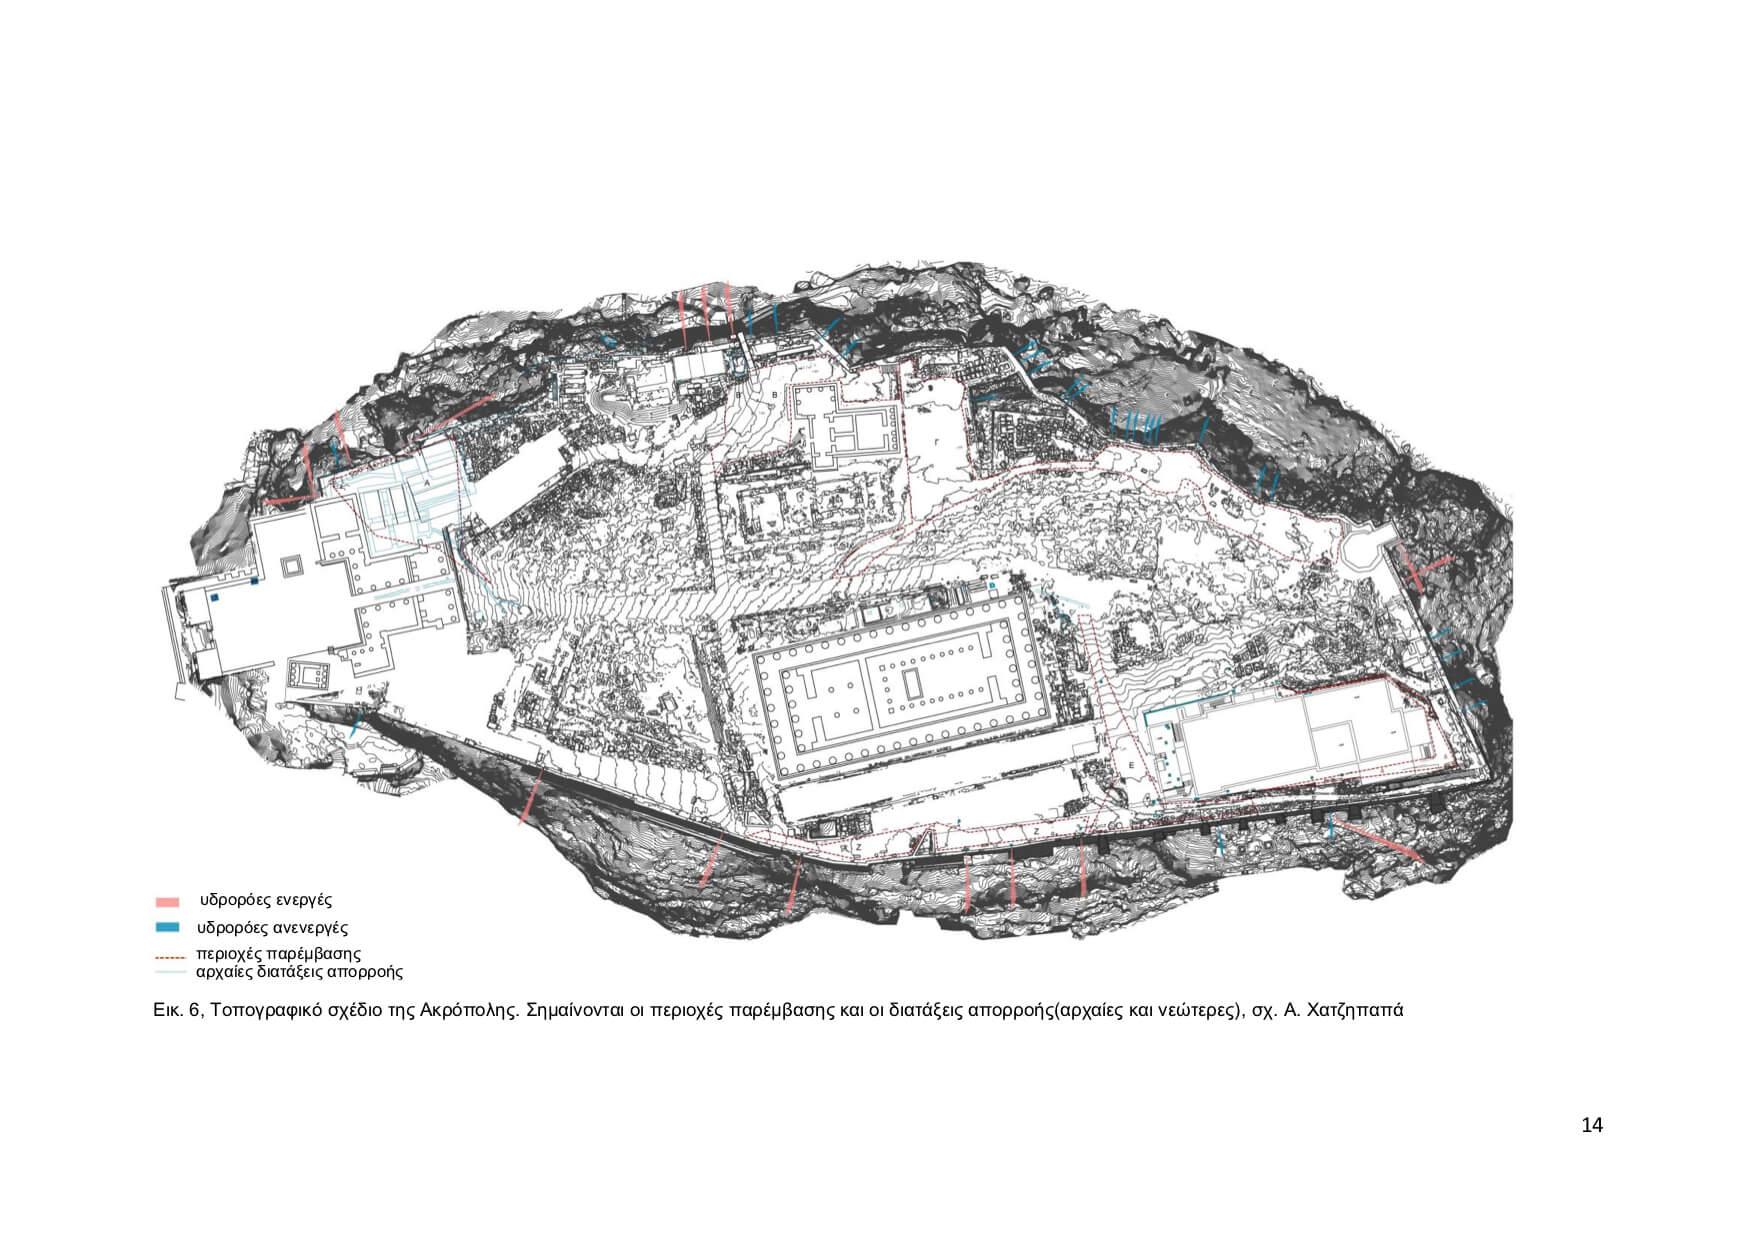 Ενημερωτικό σημείωμα σχετικά με την διευθέτηση ομβρίων της Ακρόπολης